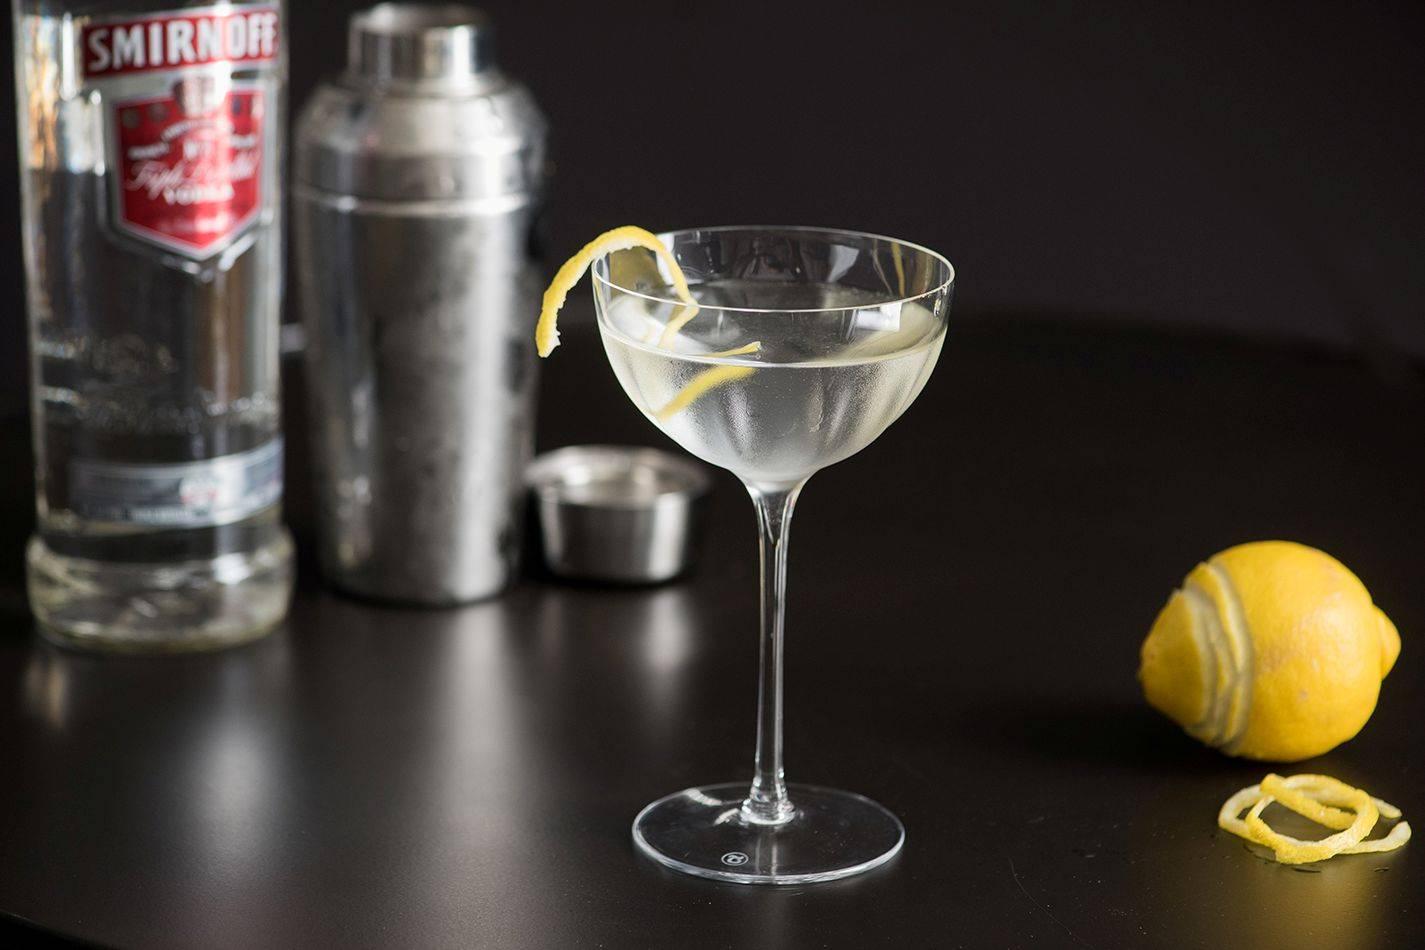 Коктейли с самбукой: простые рецепты для приготовления в домашних условиях, состав с колой, соком, спрайтом